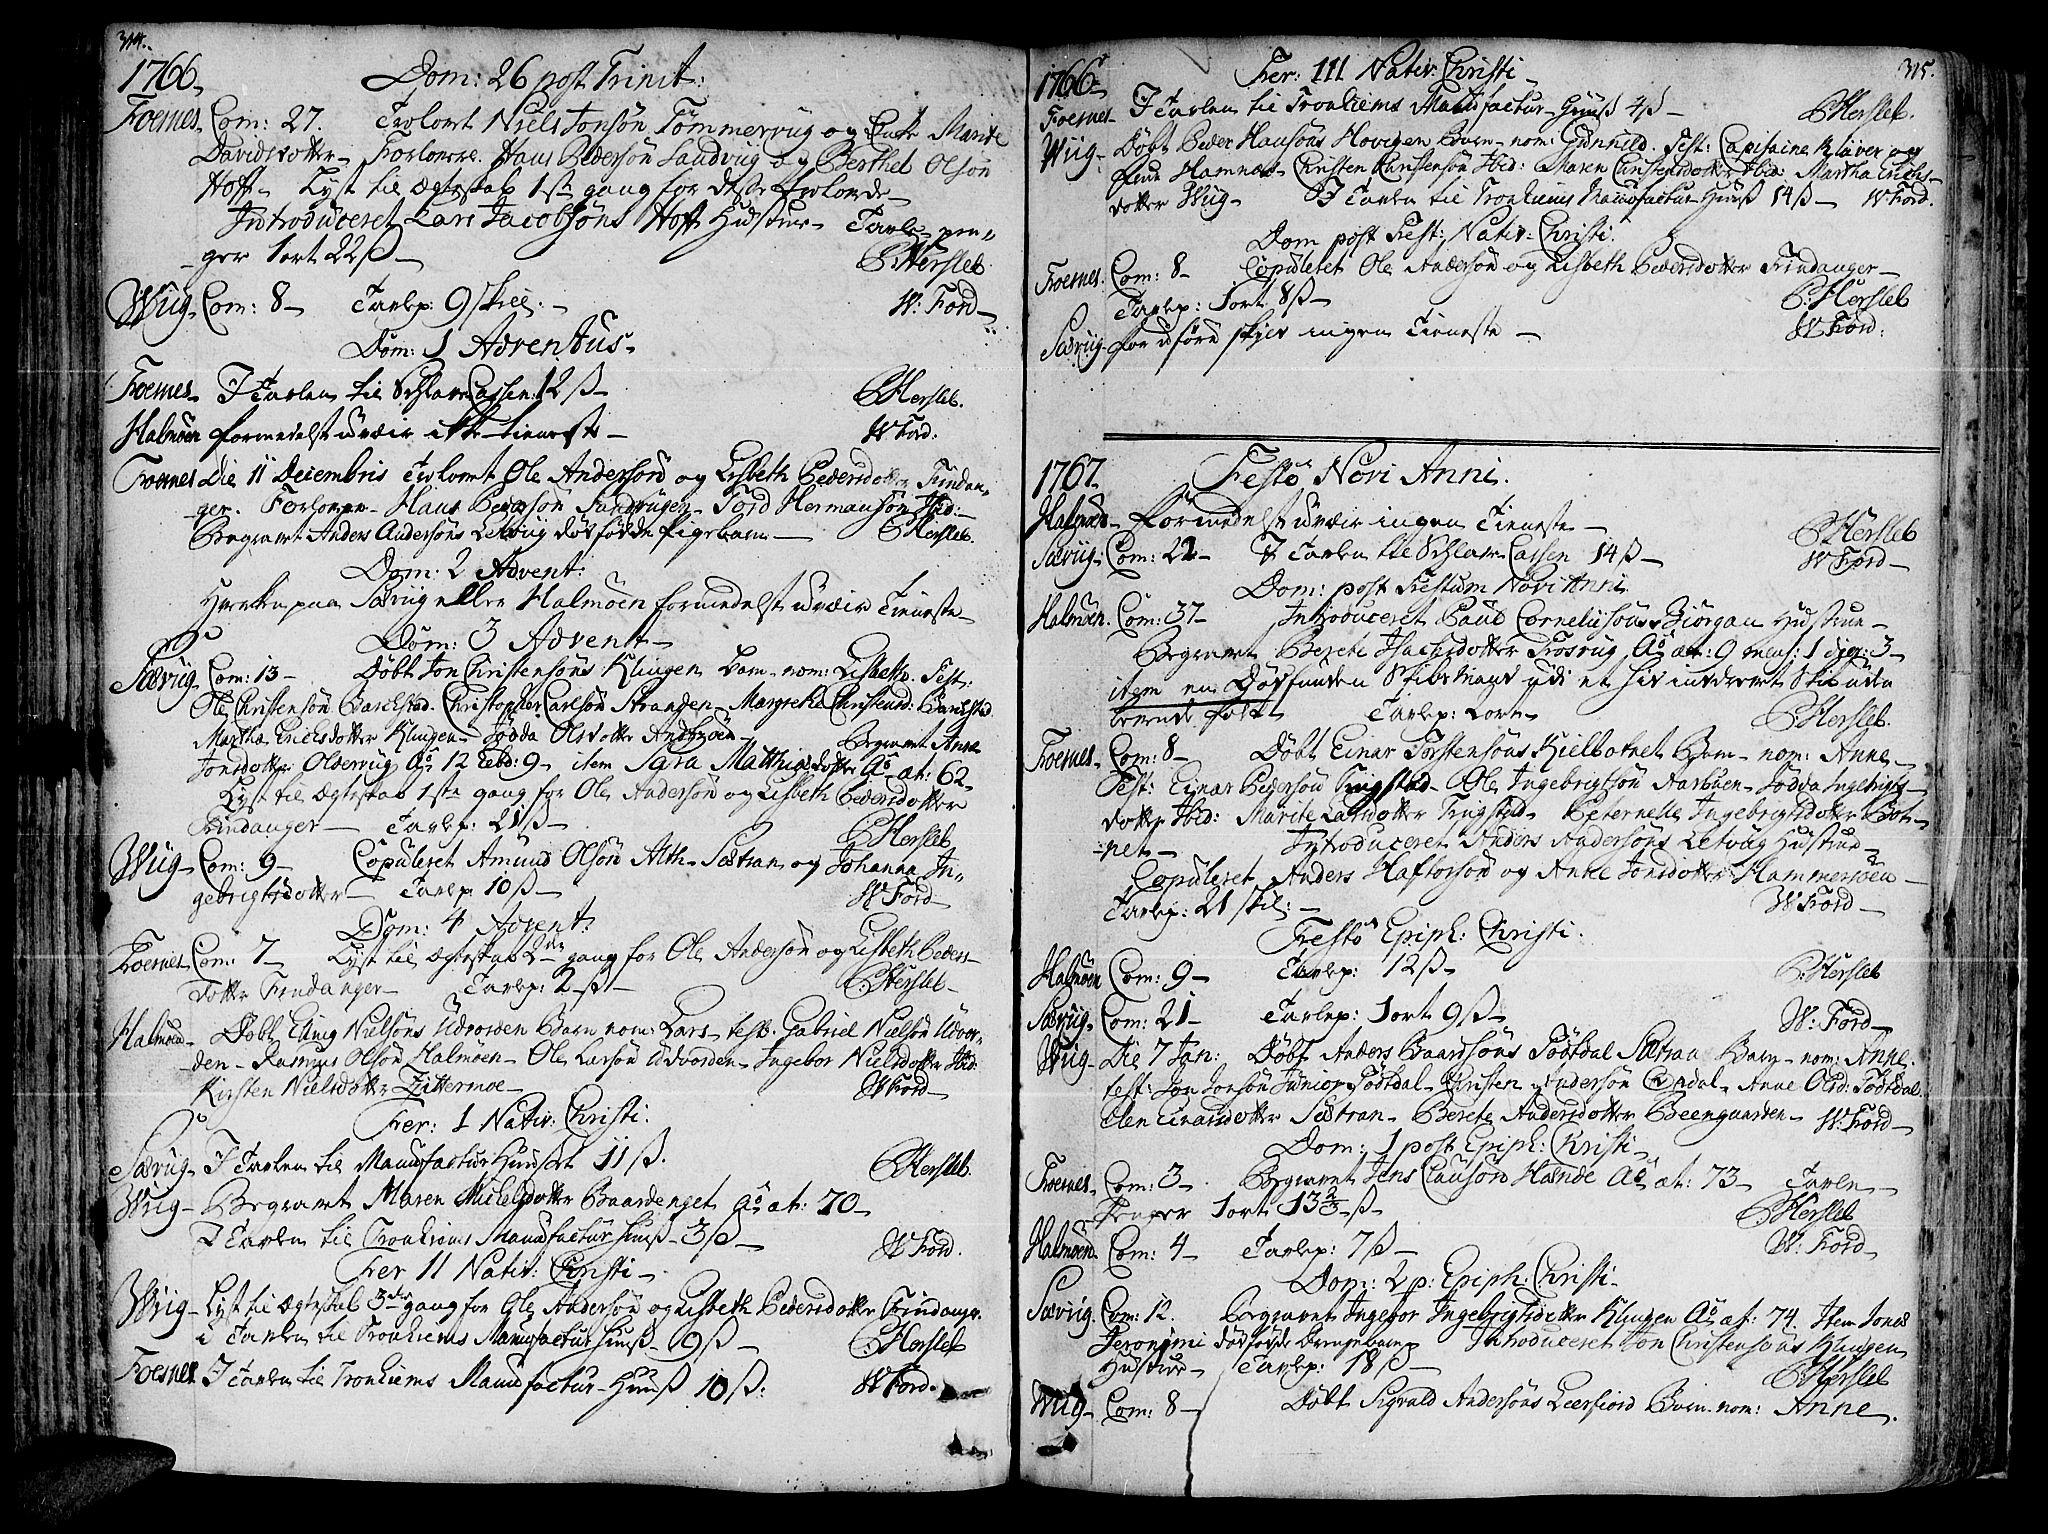 SAT, Ministerialprotokoller, klokkerbøker og fødselsregistre - Nord-Trøndelag, 773/L0607: Ministerialbok nr. 773A01, 1751-1783, s. 314-315